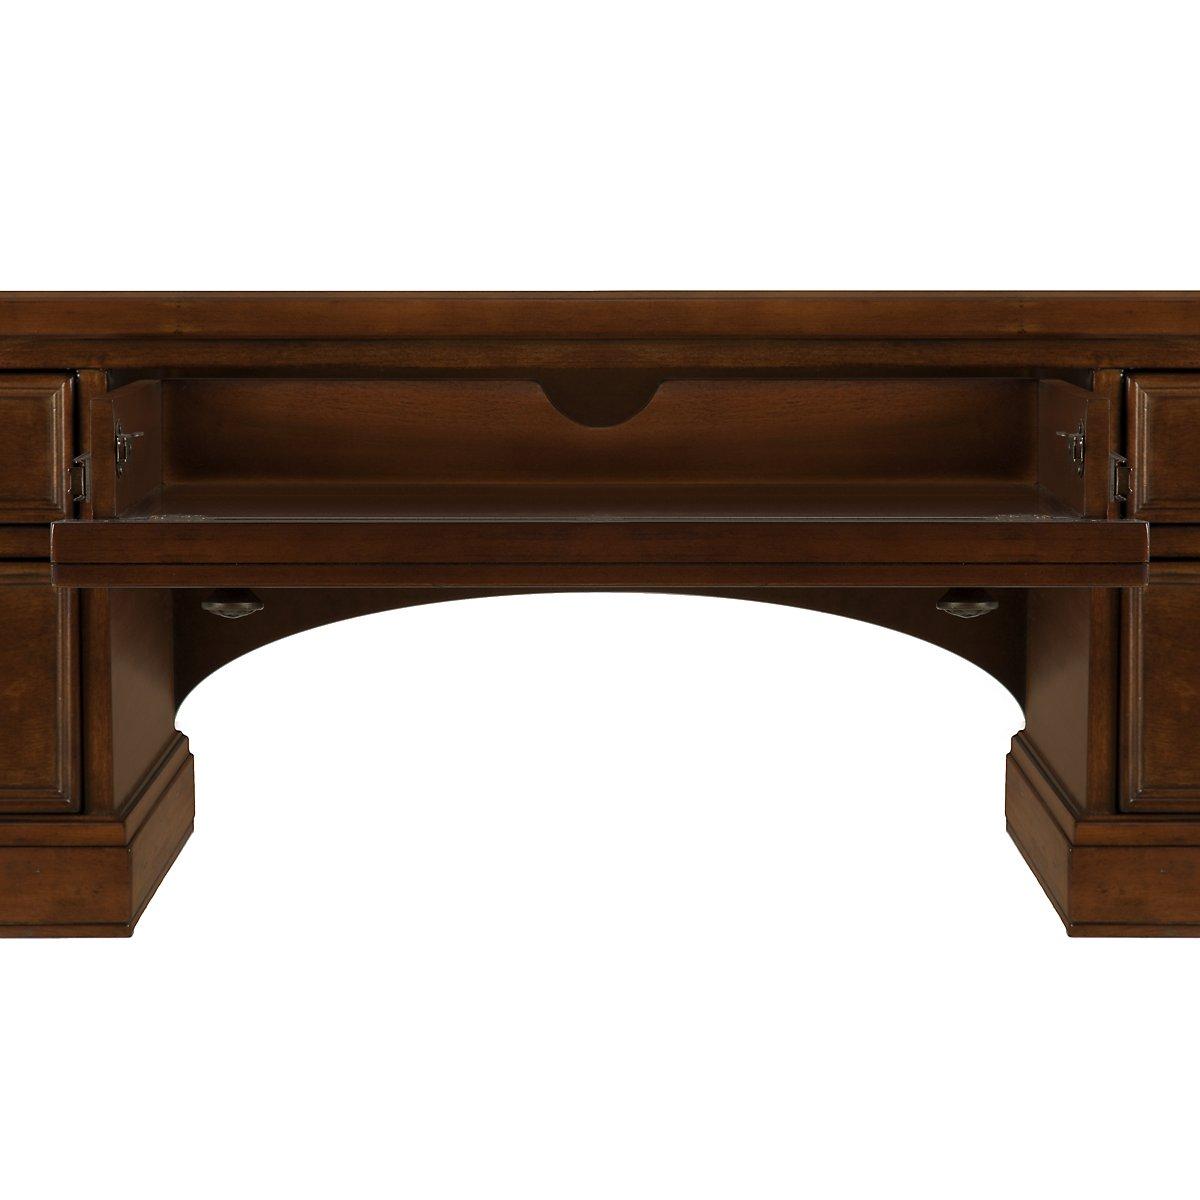 Antigua Mid Tone Desk